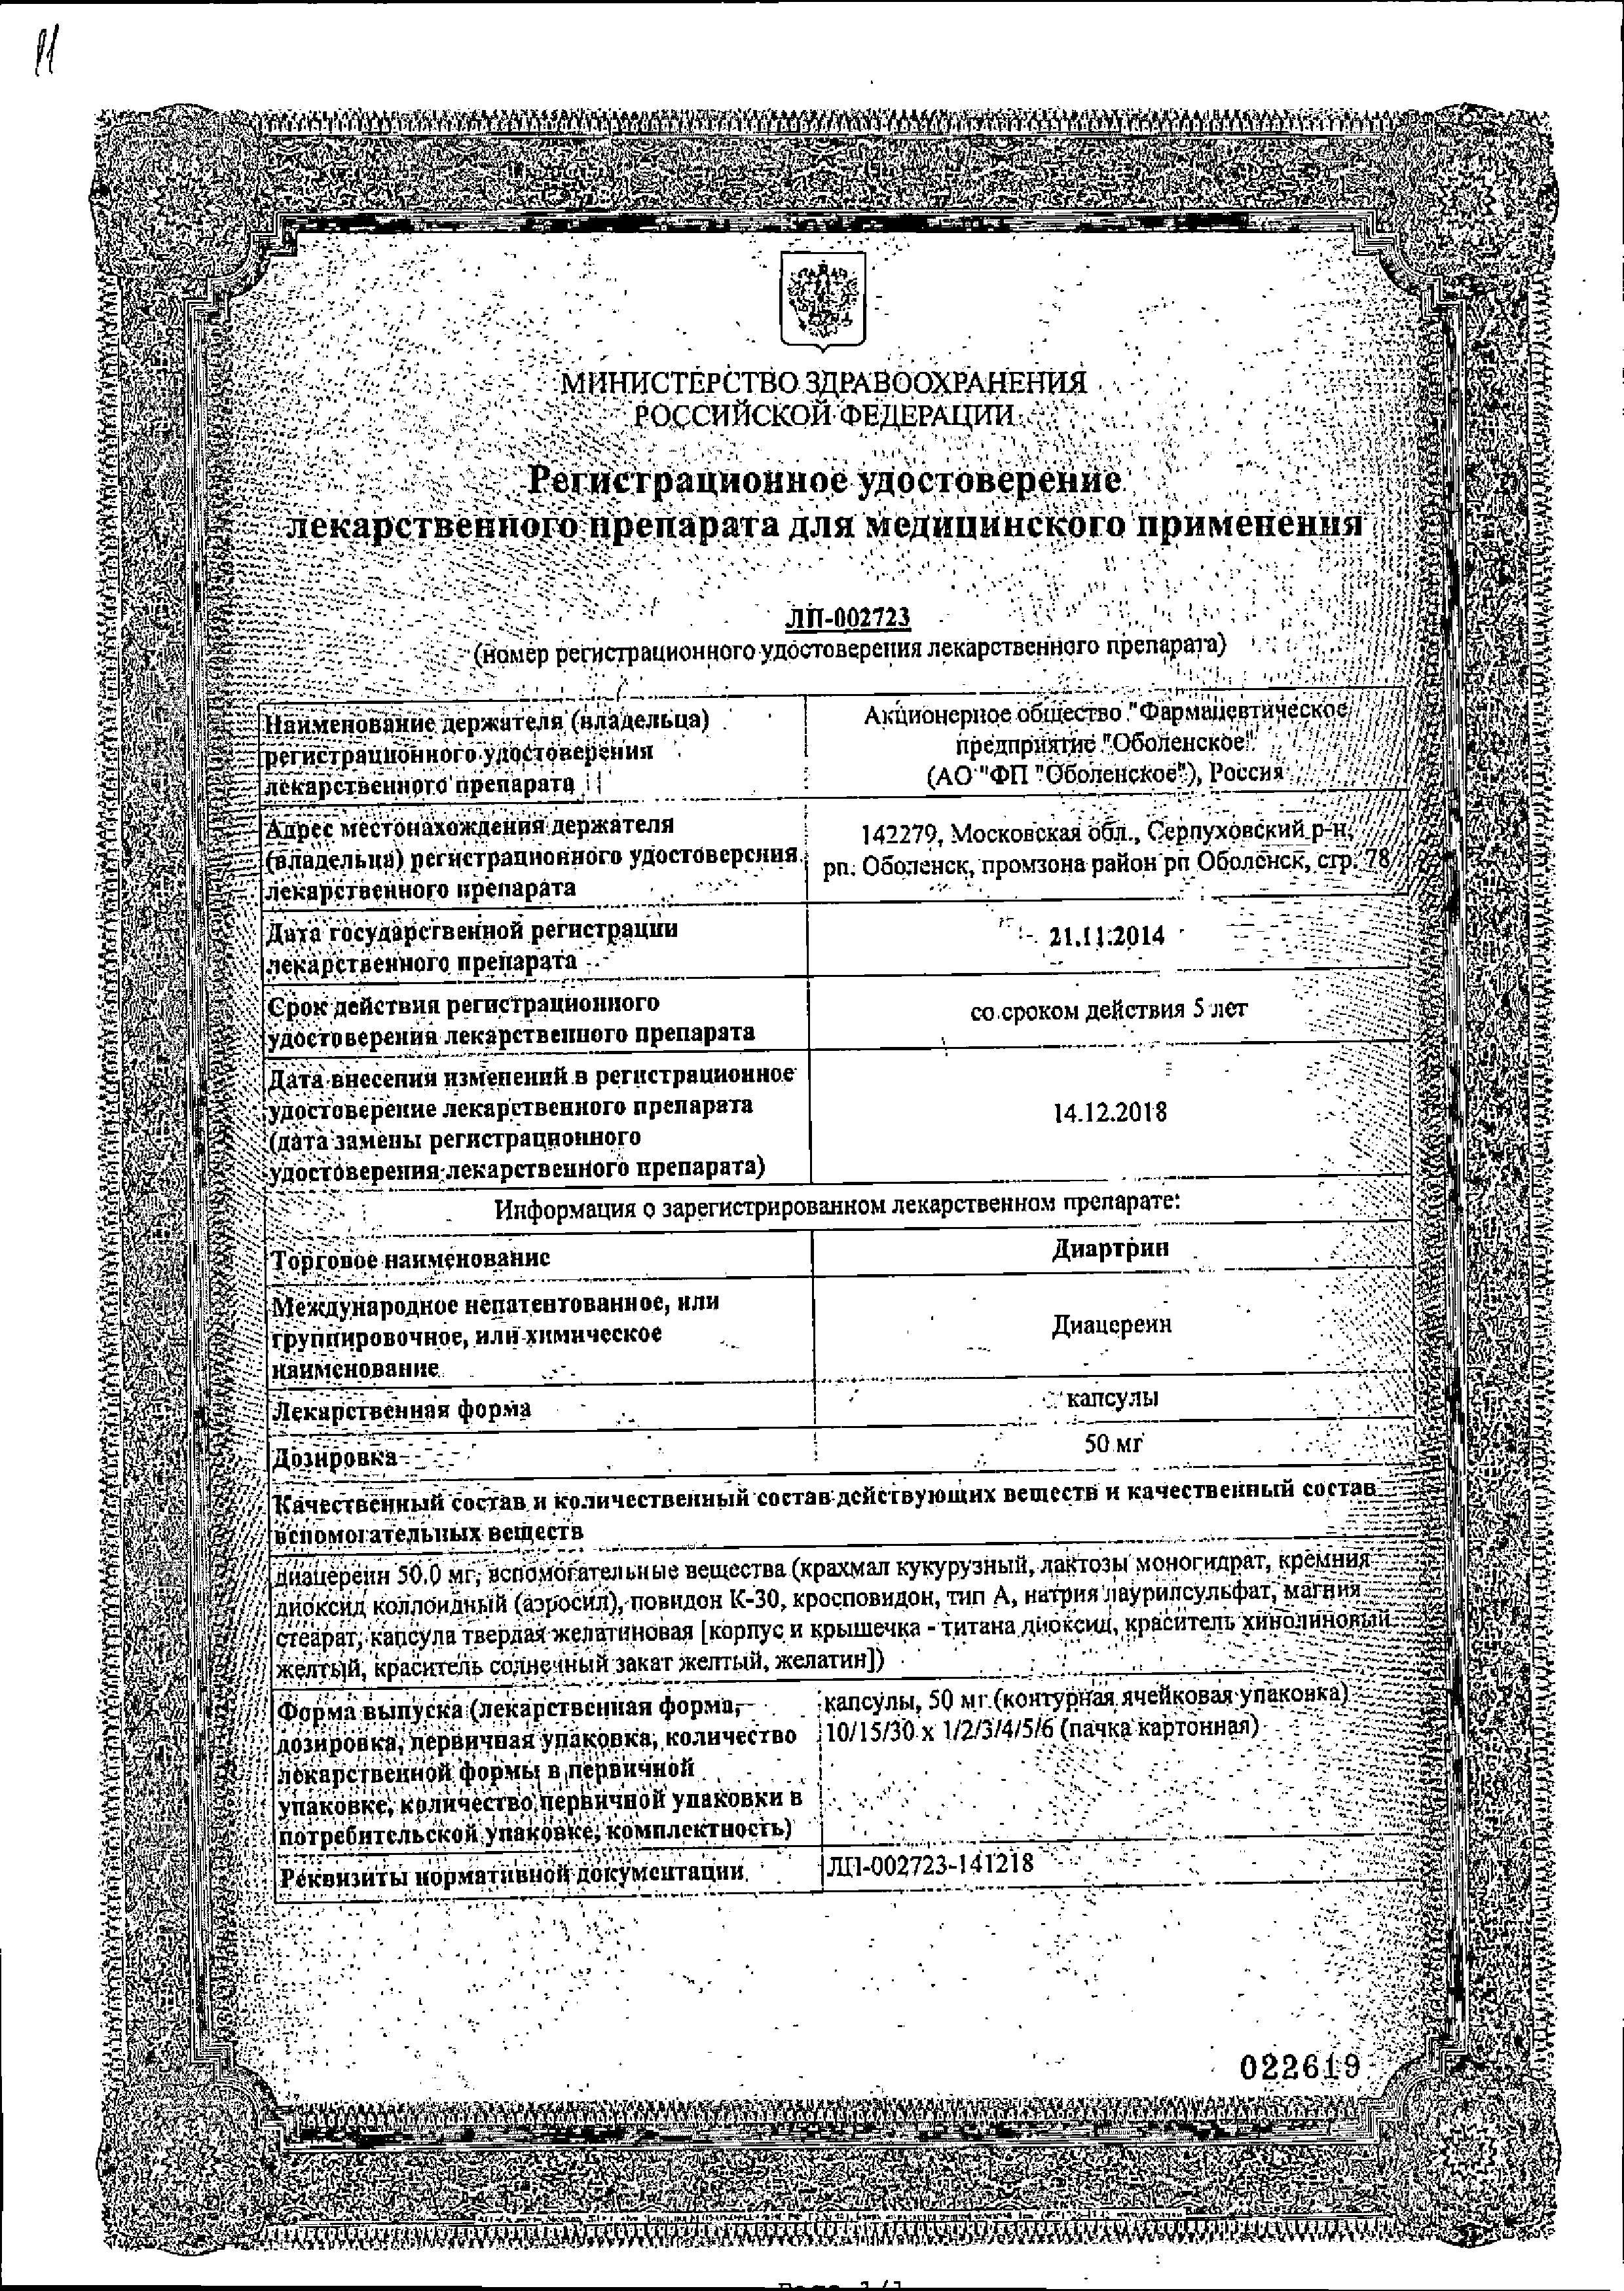 Диартрин сертификат